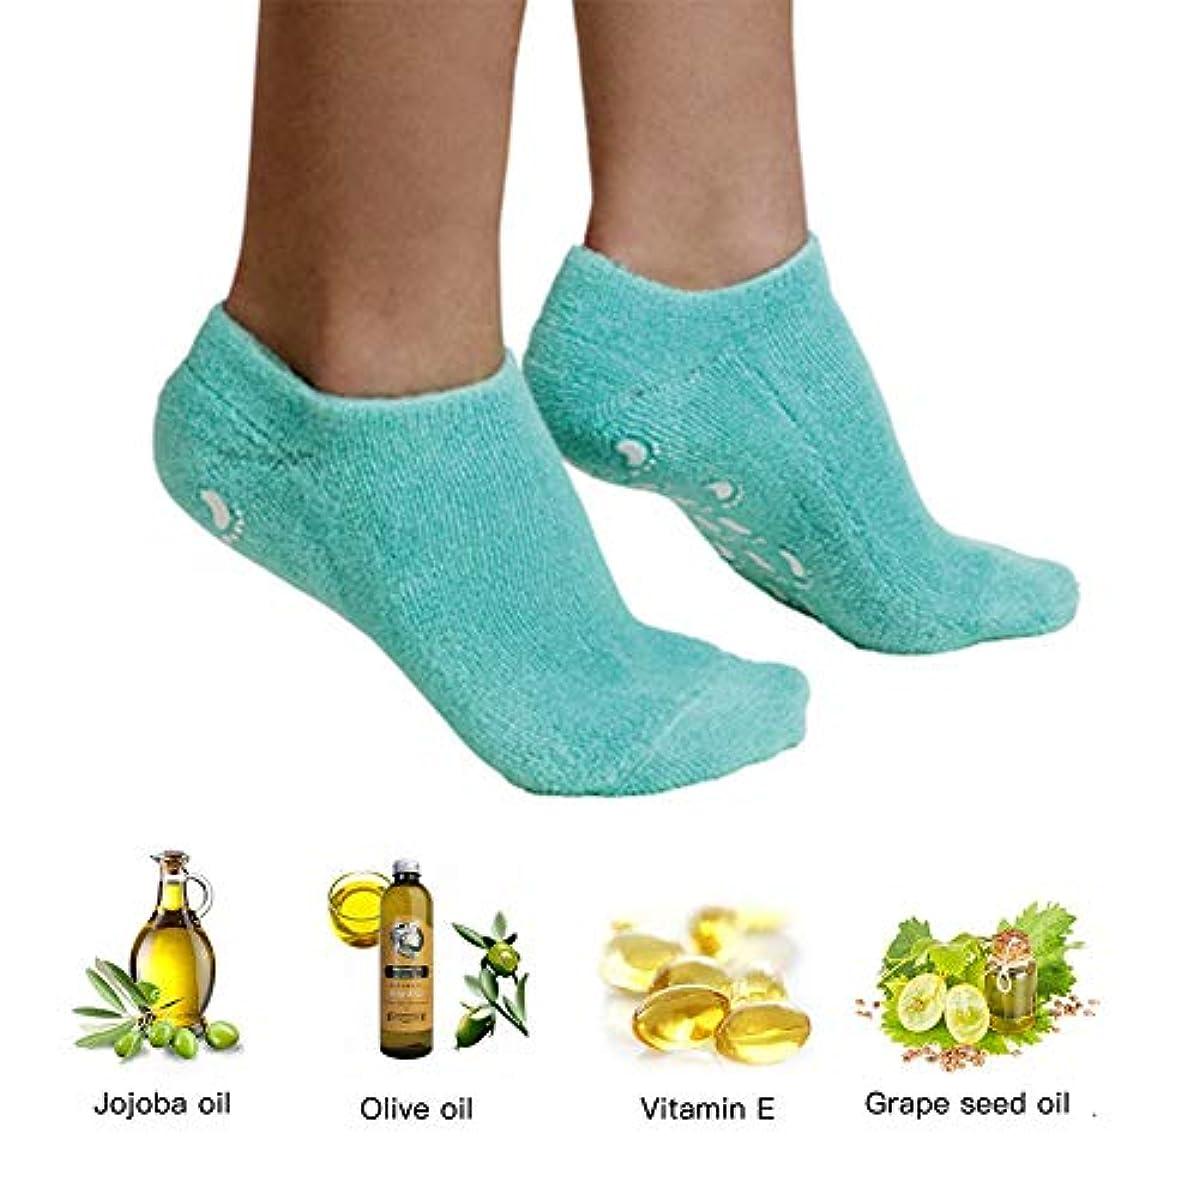 かき混ぜる追うメドレーエッセンシャルオイルジェル美容保護手袋ソックスフットカバー男性と女性のかかとフルフットシリコーン保湿白い抗クラッキングソックス,1PCS